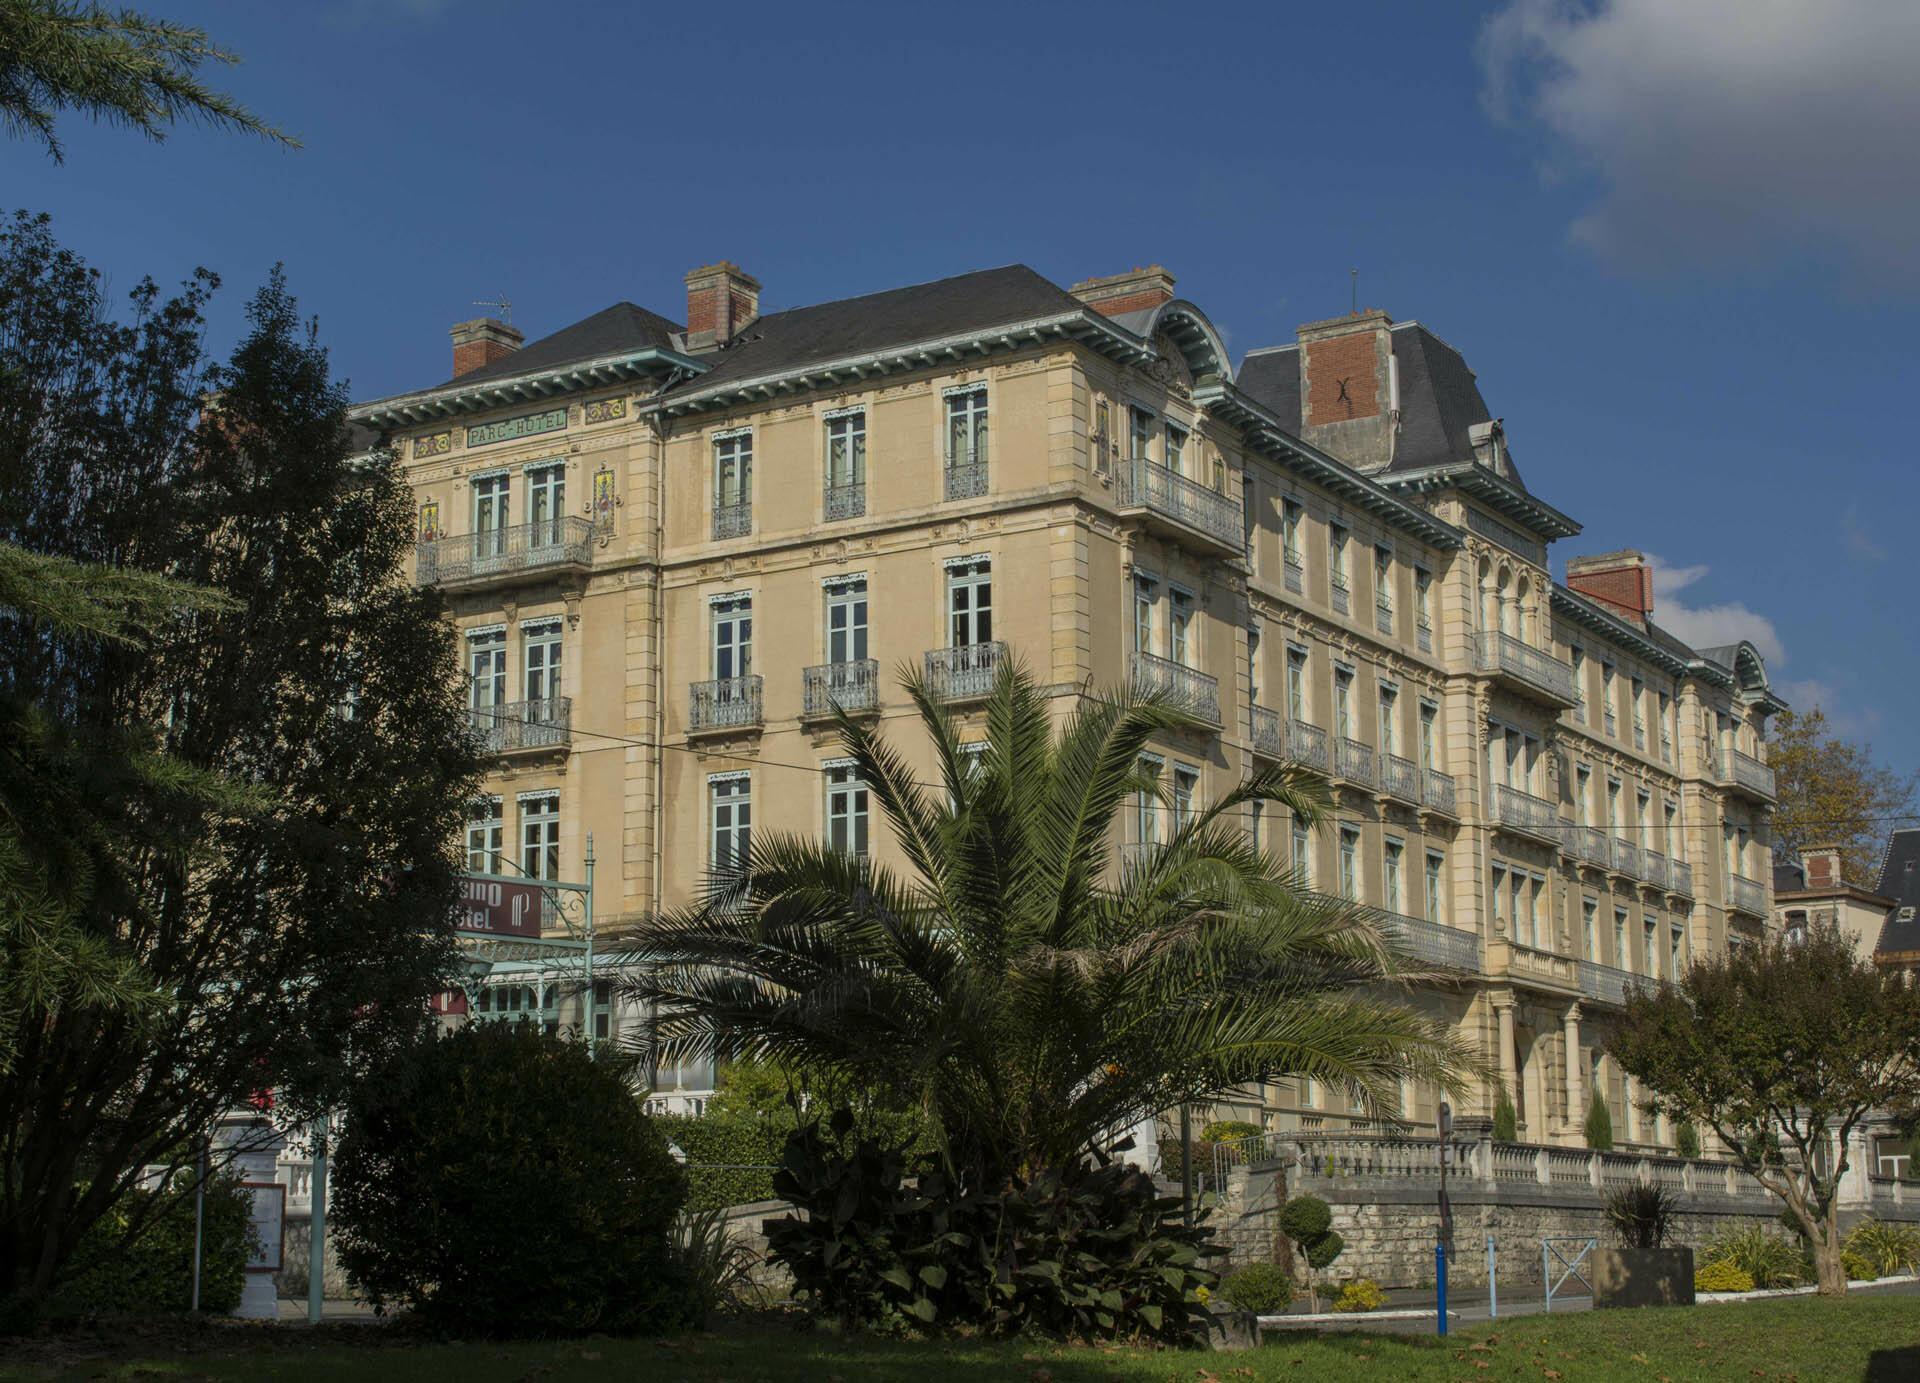 Hôtel du Parc in Salies-de-Béarn, France